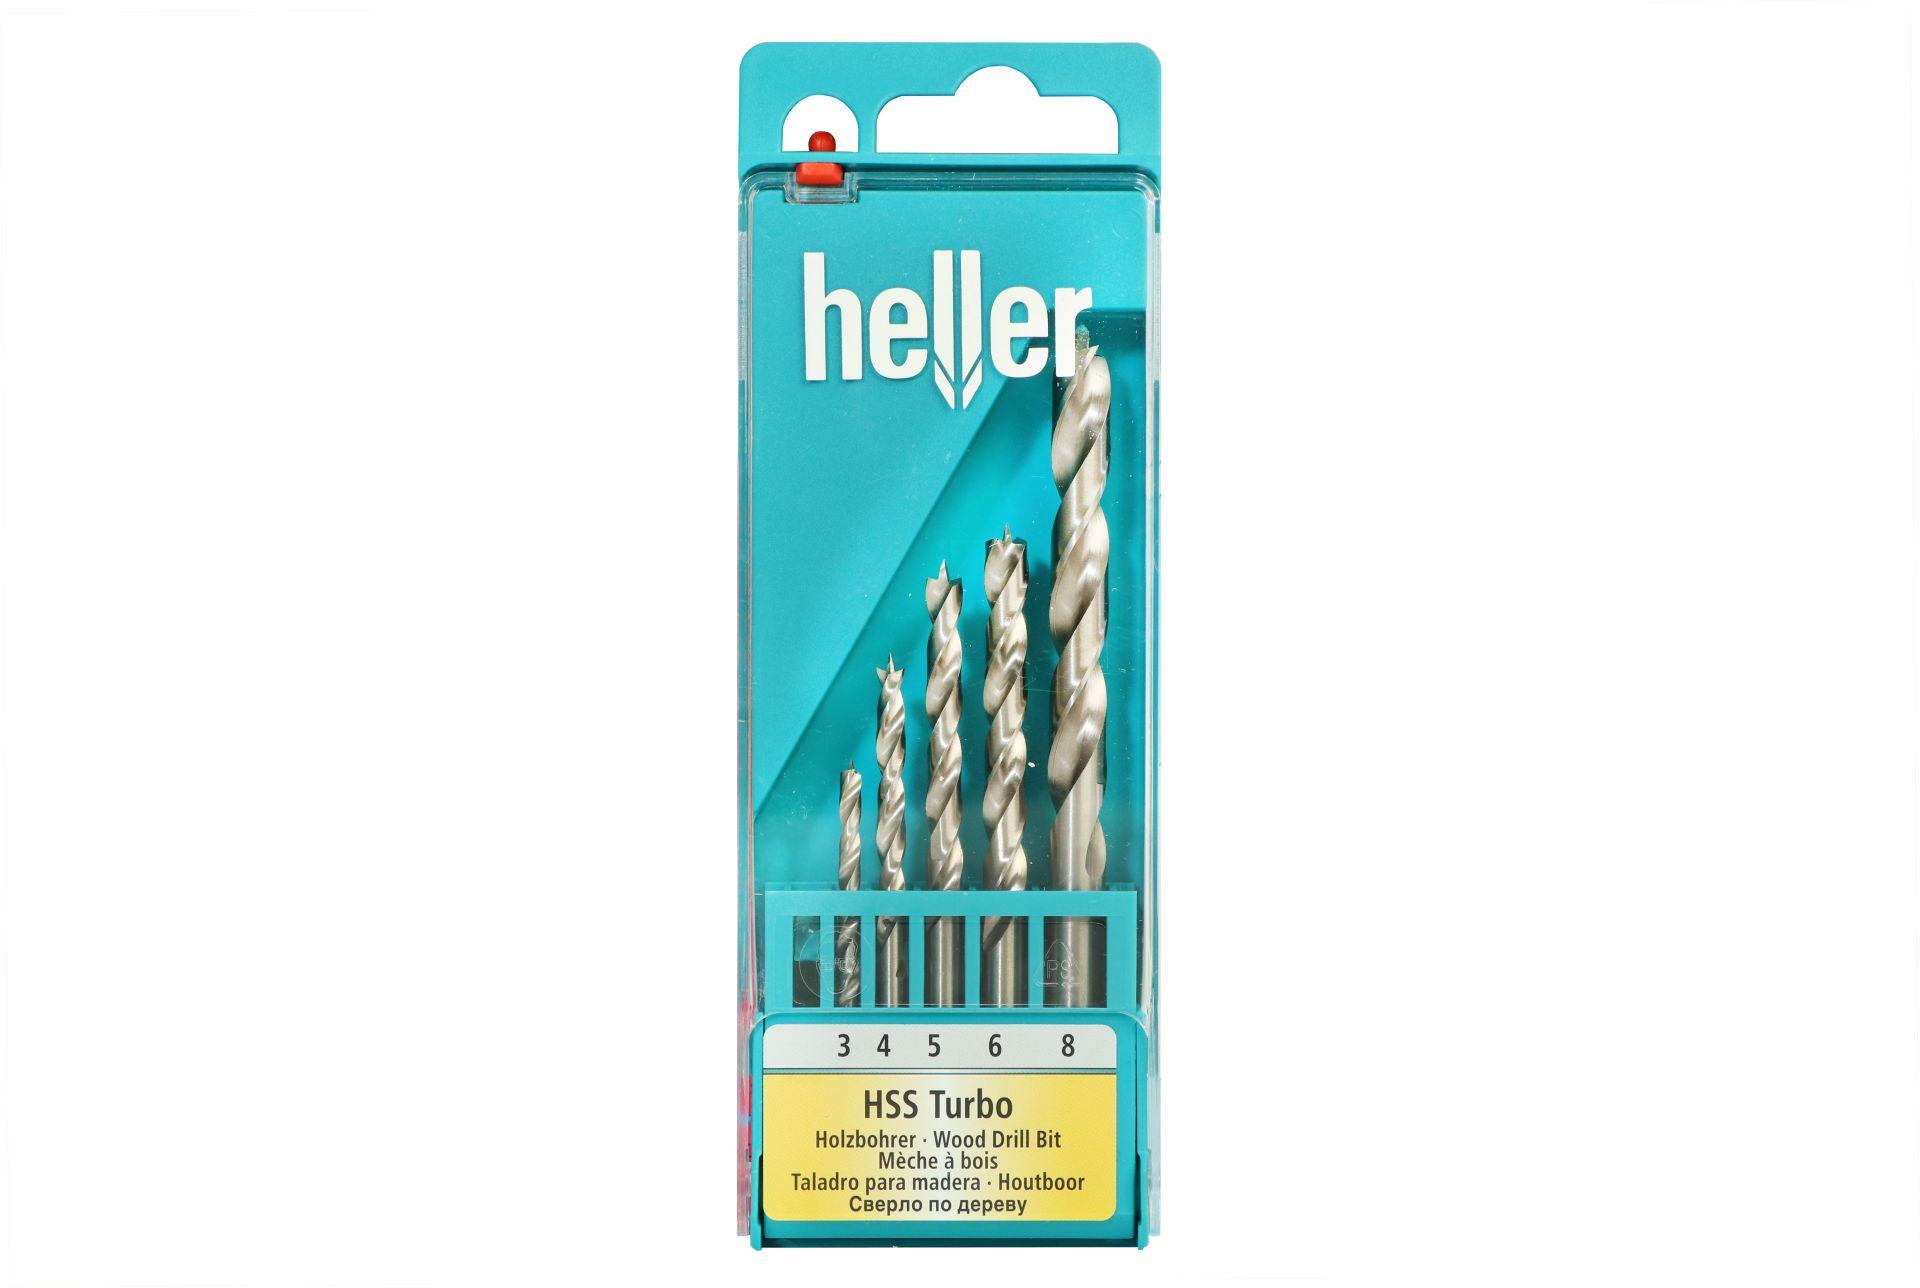 Heller HSS Turbo Holzbohrer-Set, 5-teilig, Ø 3/4/5/6/8 mm